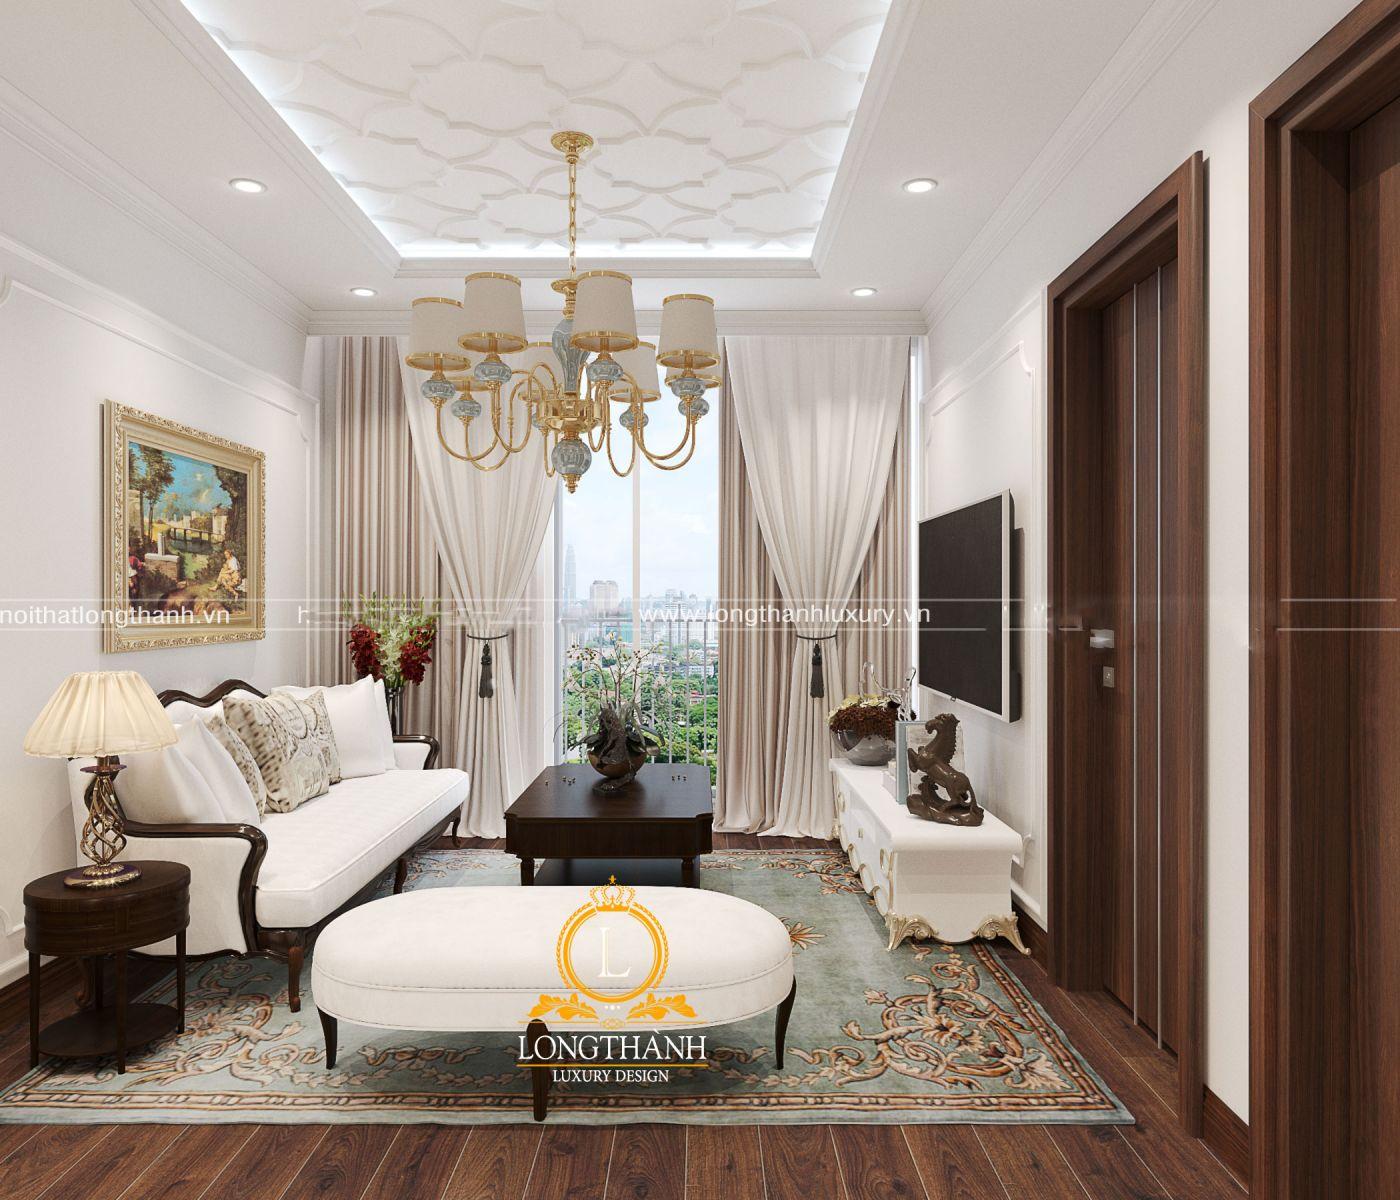 Nội thất phòng khách tân cổ điển đơn giản cho chung cư